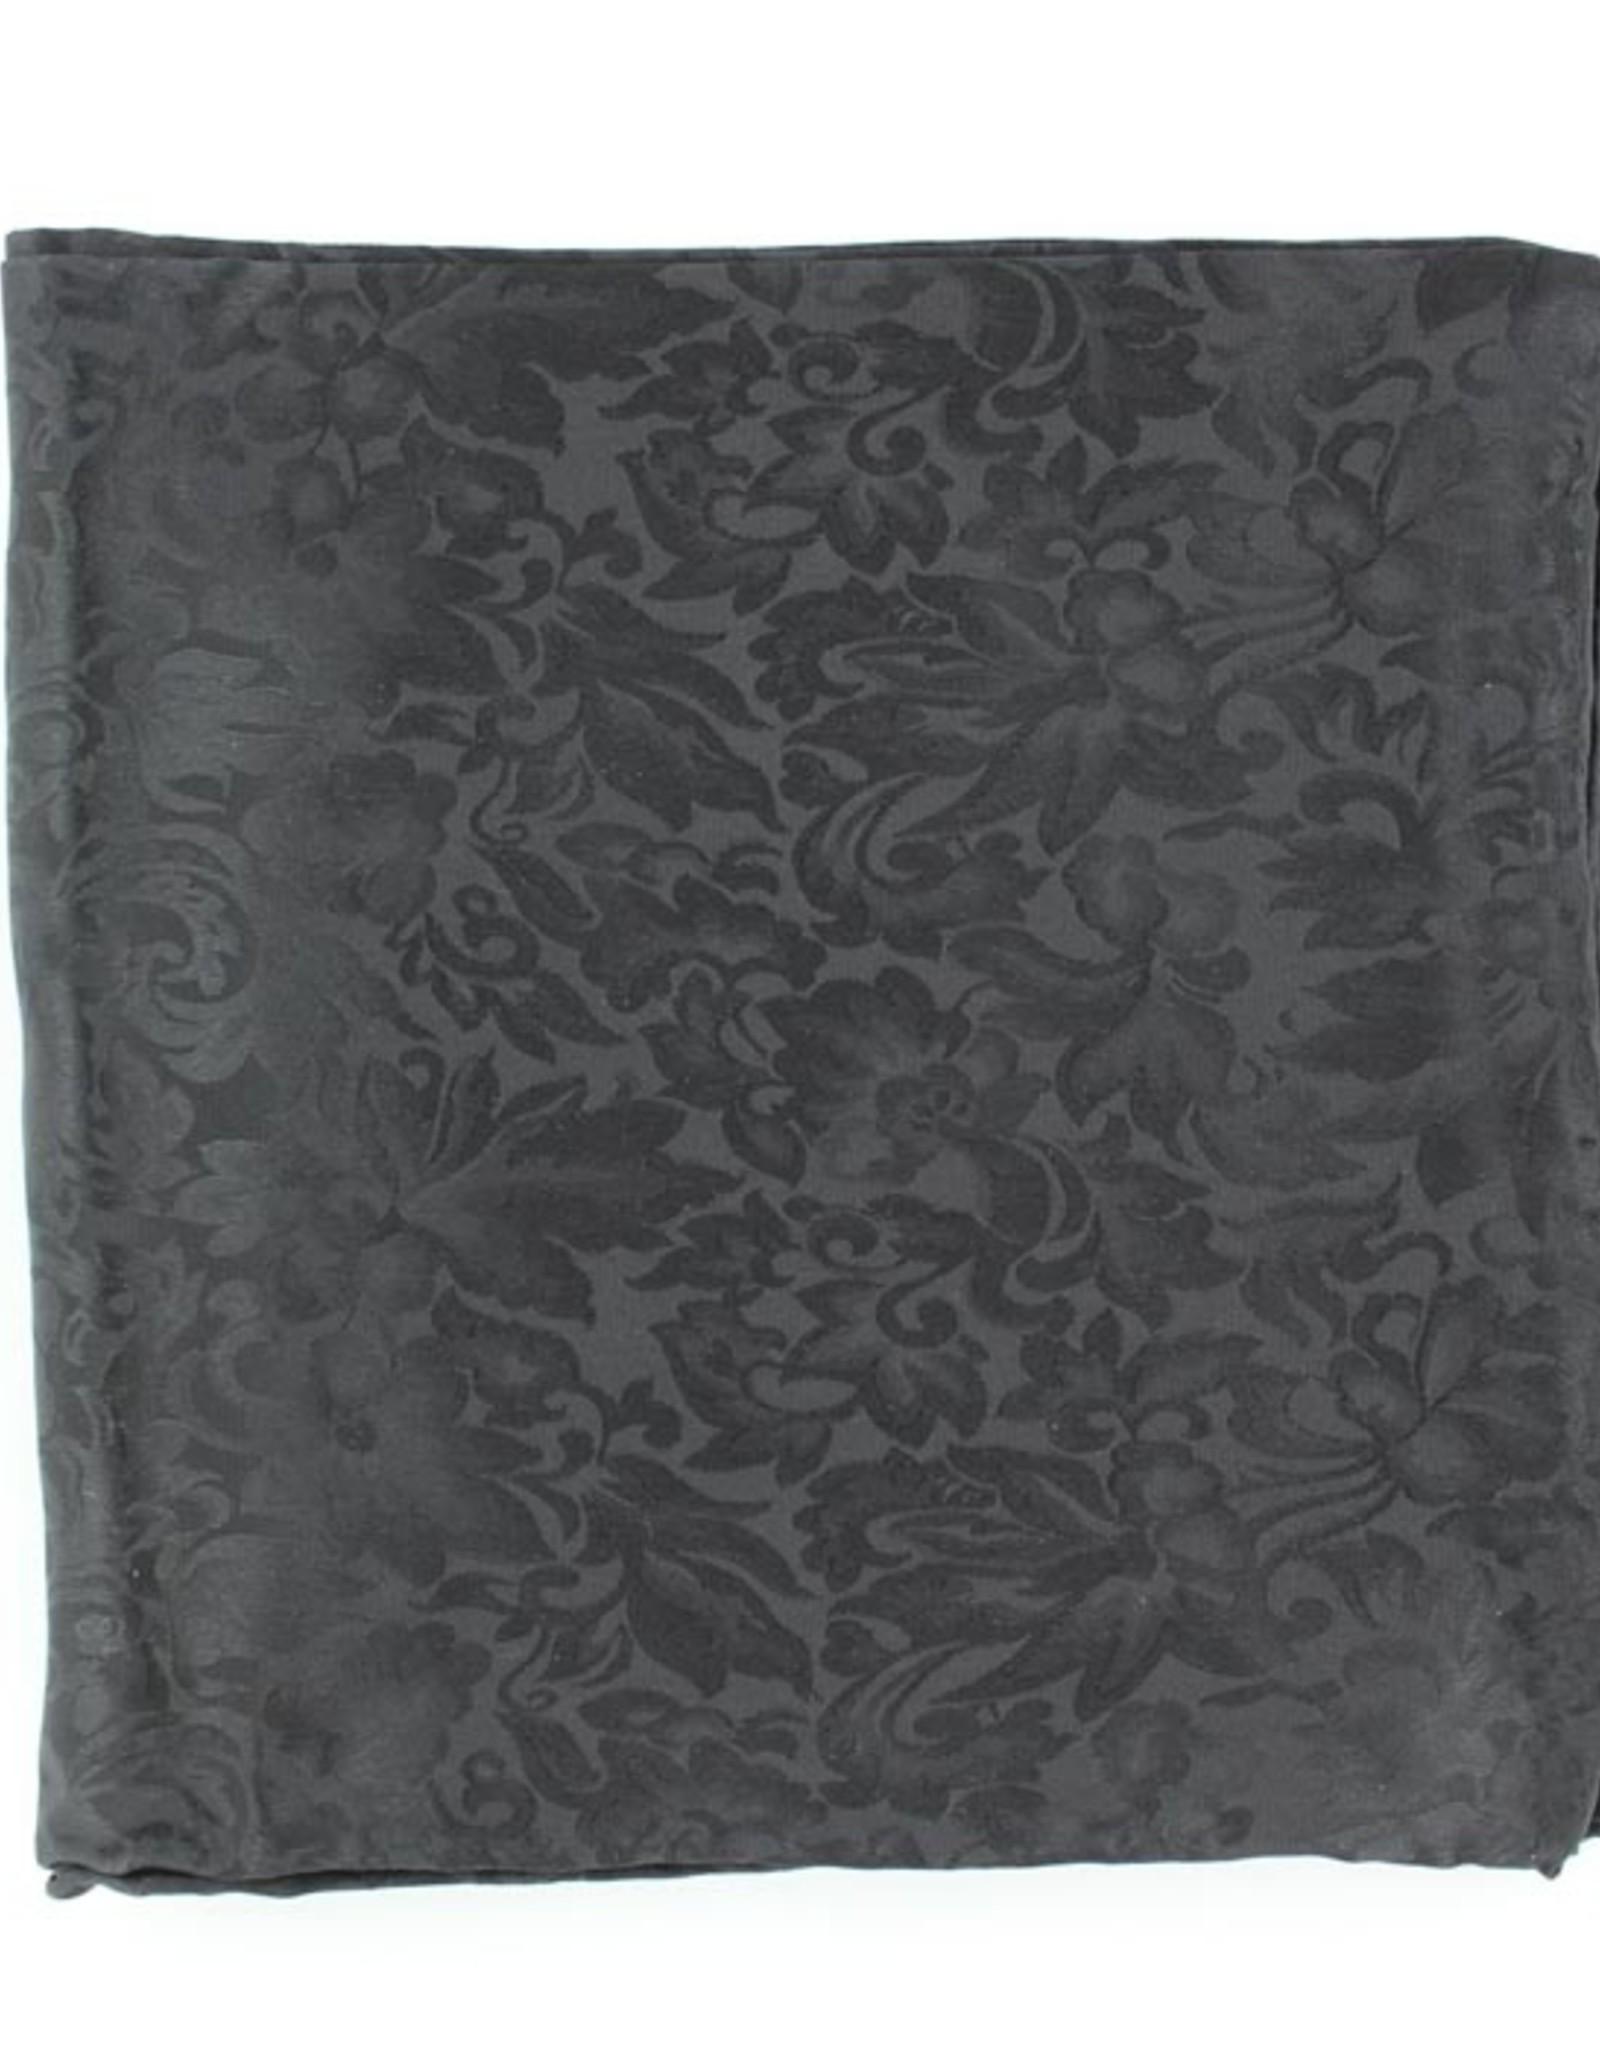 Wild Rag 100% Silk Black Jacquard 33x33